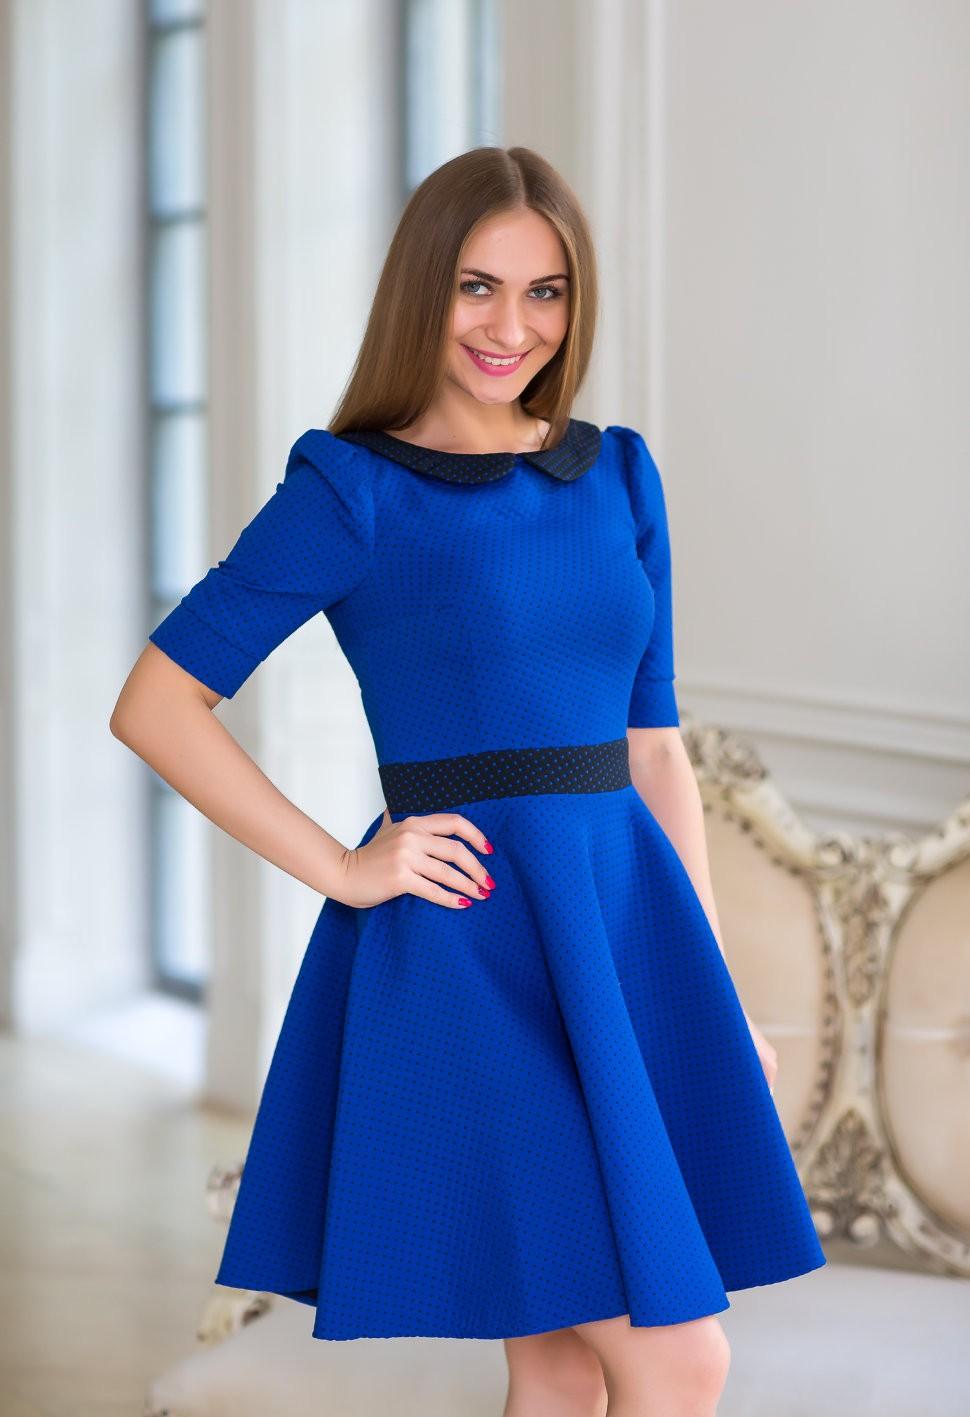 Что одеть на день Святого Валентина 2019: синее платье приталенное